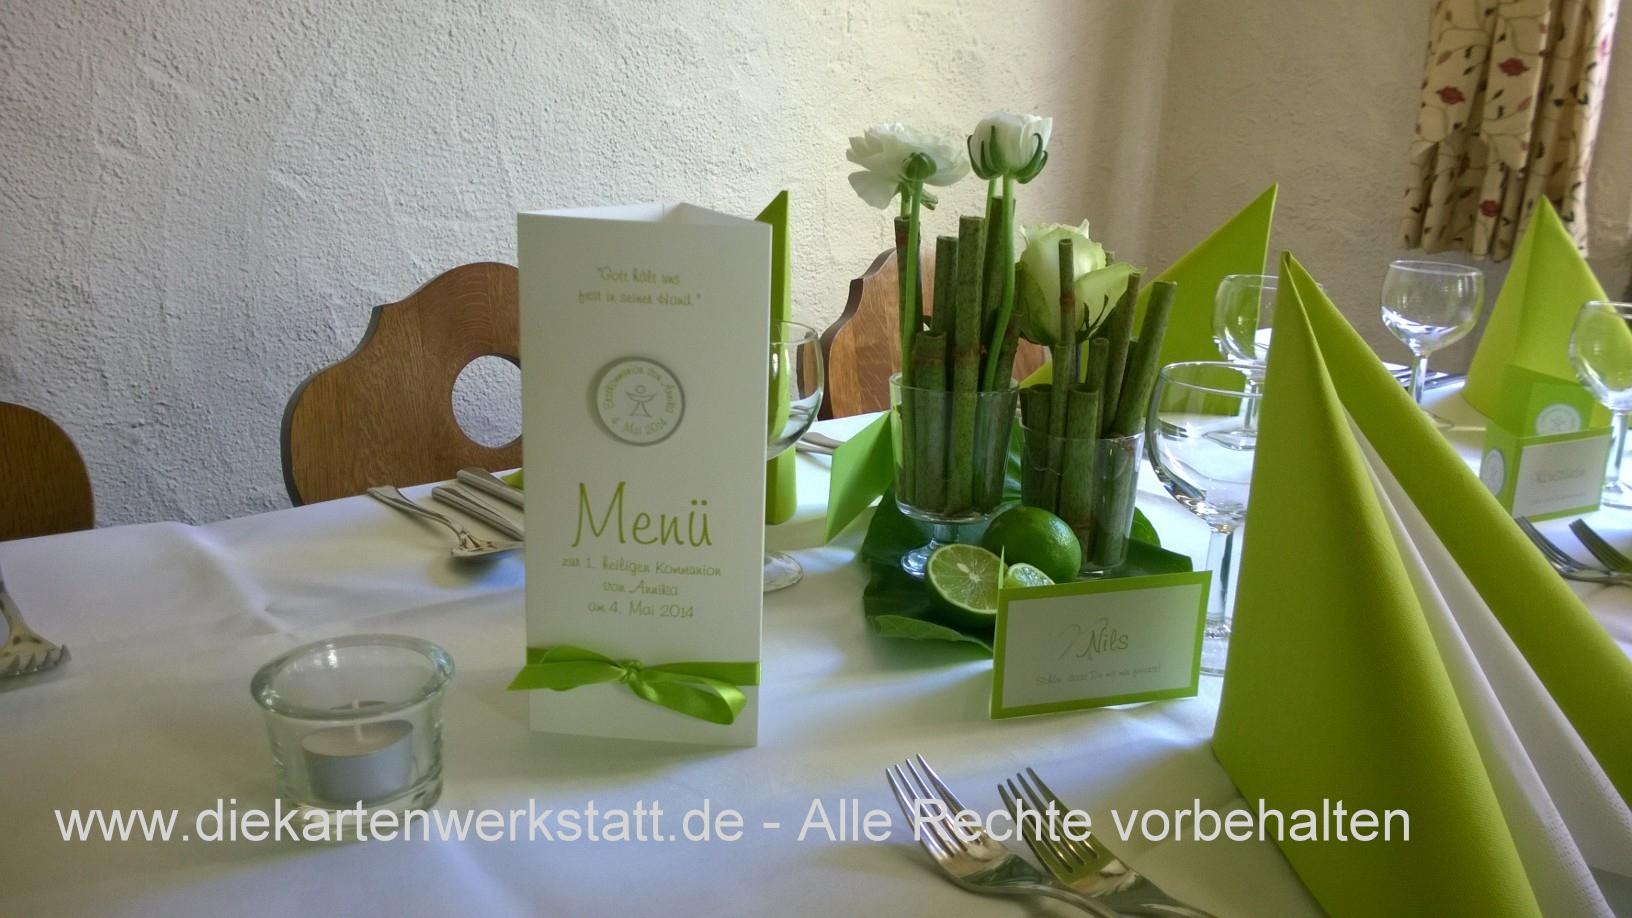 Kommuniondeko in maigrün - Die Kartenwerkstatt - aus Liebe ...